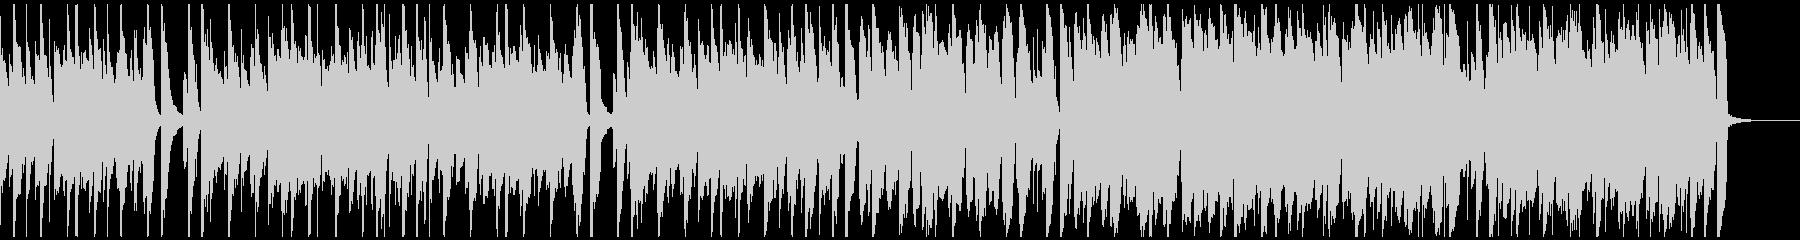 ほのぼのアコースティックBGMハーモニカの未再生の波形